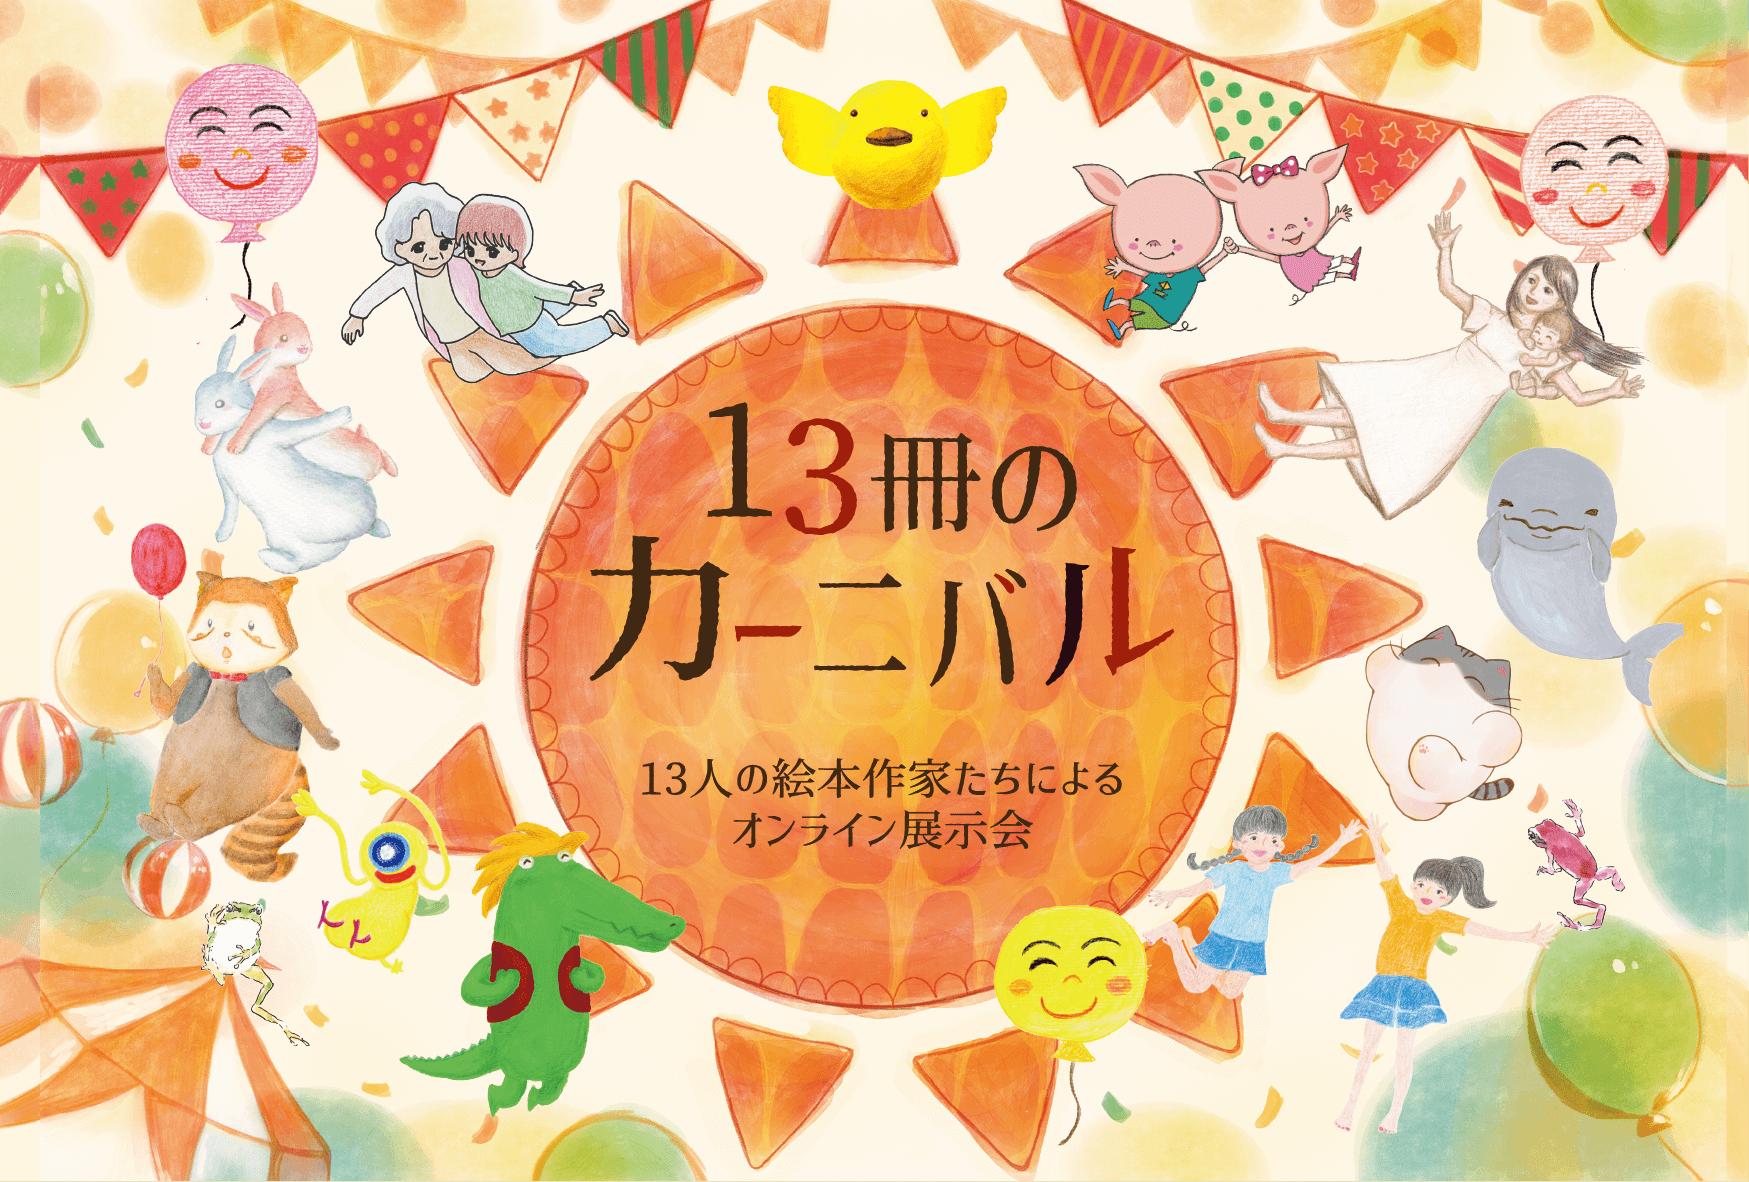 絵本のオンライン展示会「13冊のカーニバル」